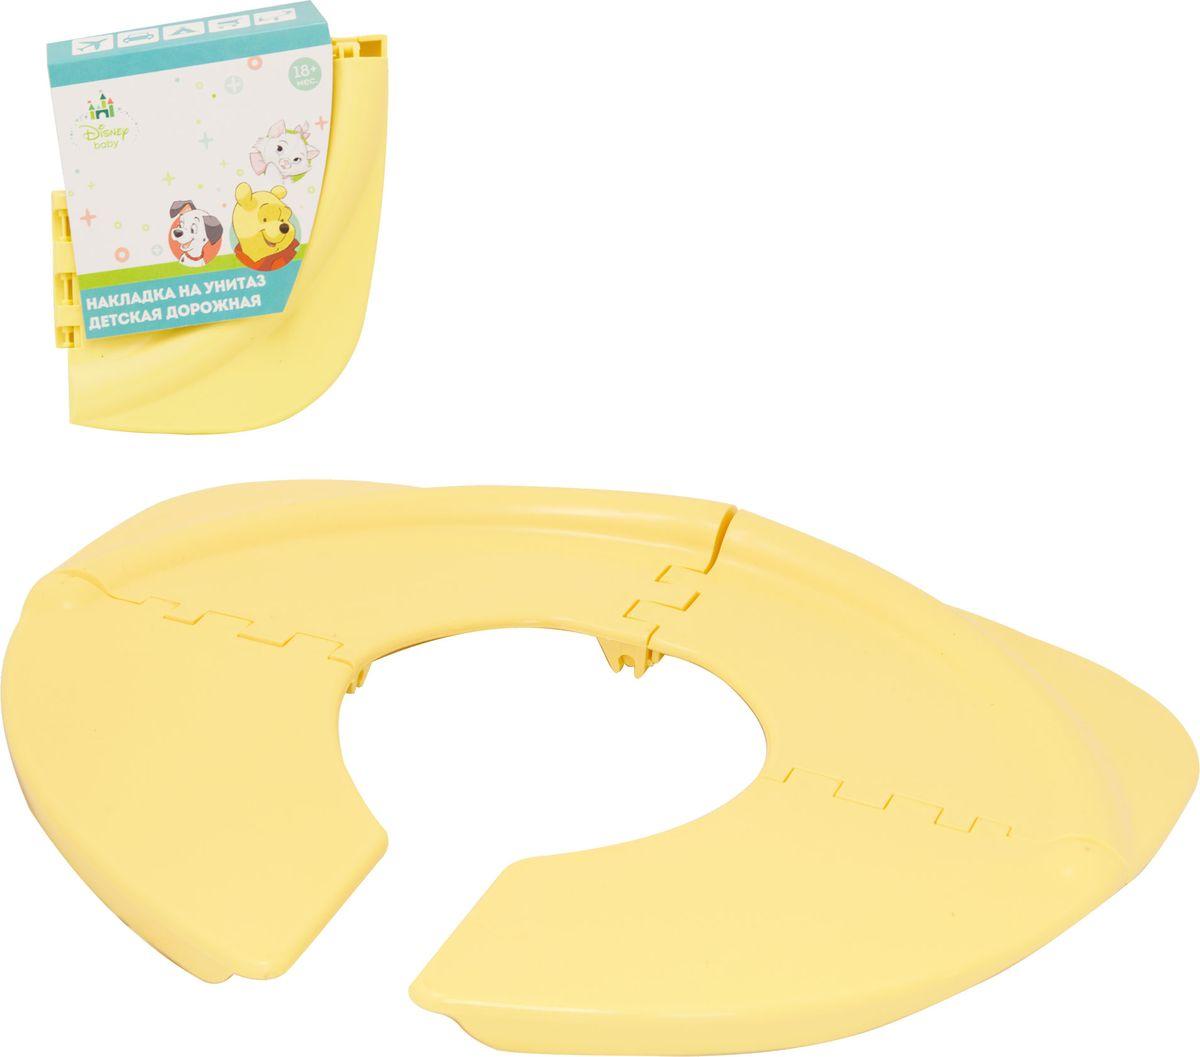 Disney Накладка на унитаз складная цвет банановый68/5/2Складная накладка на унитаз Disney сделает процесс приучения ребенка к взрослому унитазу быстрым и комфортным. Накладка имеет эргономичный дизайн, а складная конструкция обеспечивает компактное хранение и позволяет брать такую накладку с собой в дорогу. Накладка выполнена из прочного безопасного пластика яркого цвета, она легко моется и не впитывает неприятные запахи.